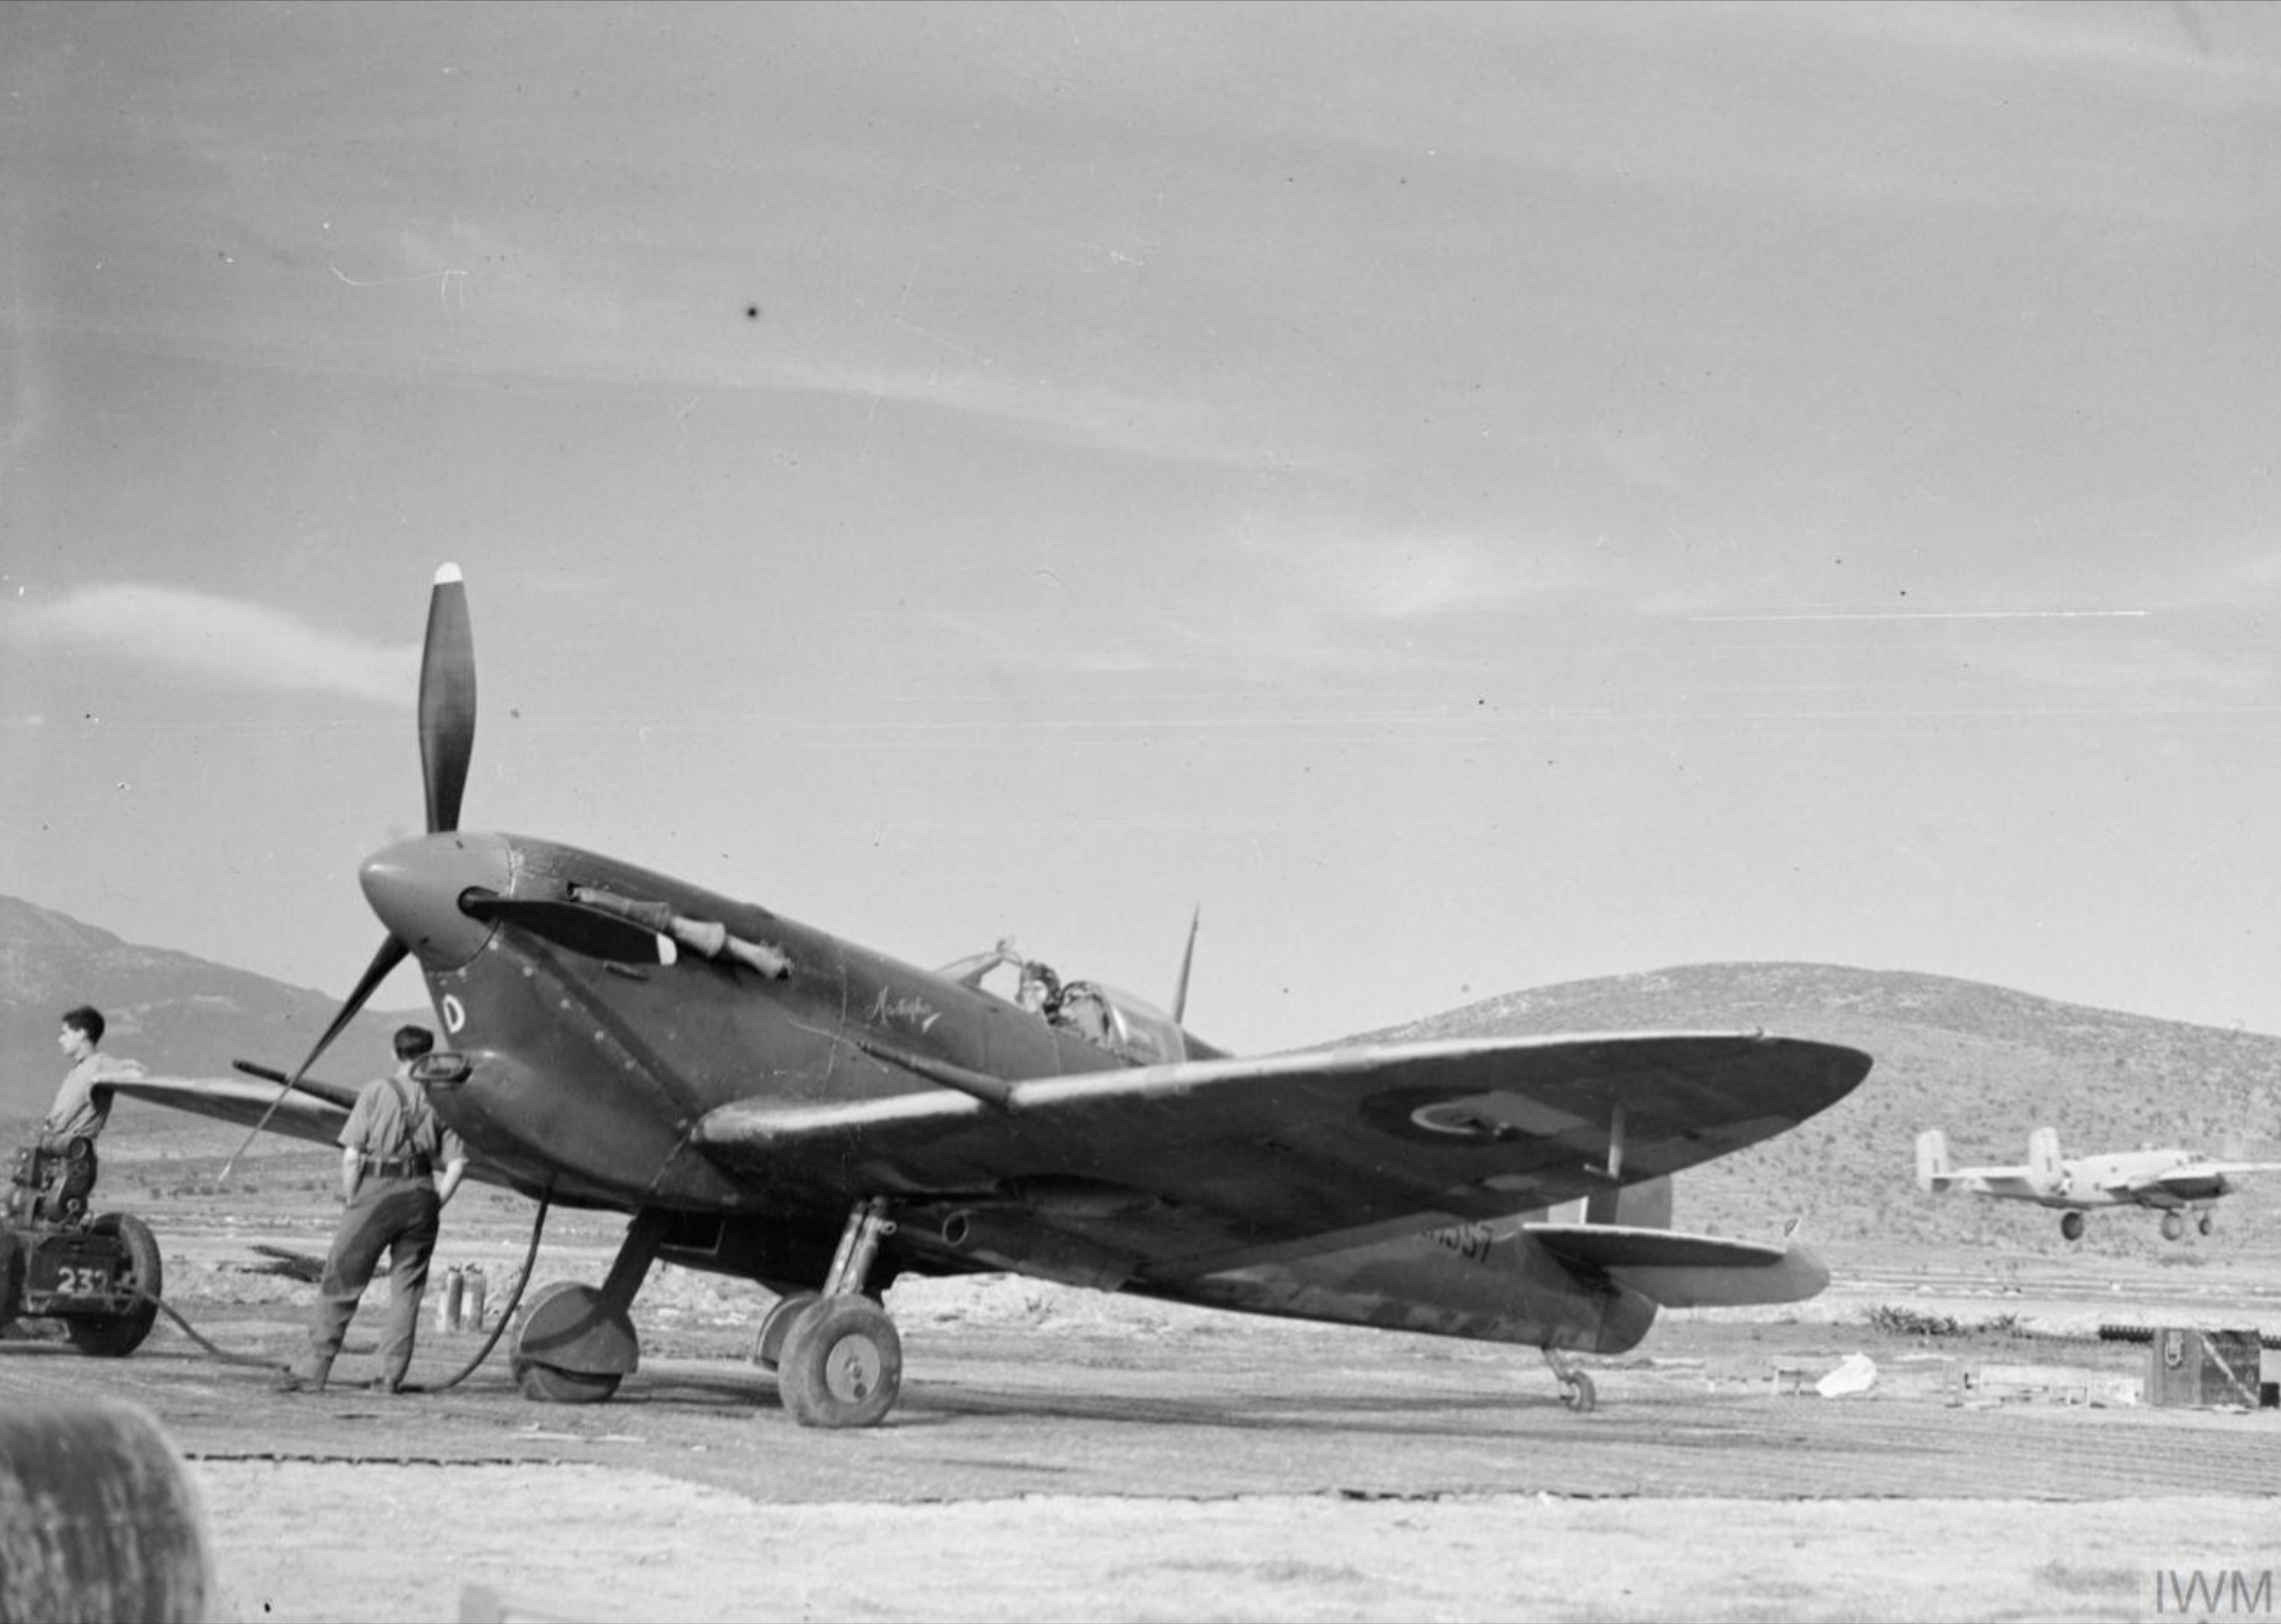 Spitfire MkVcTrop RAF 232Sqn EFD ER557 dispersal at Tingley Algeria IWM CNA286